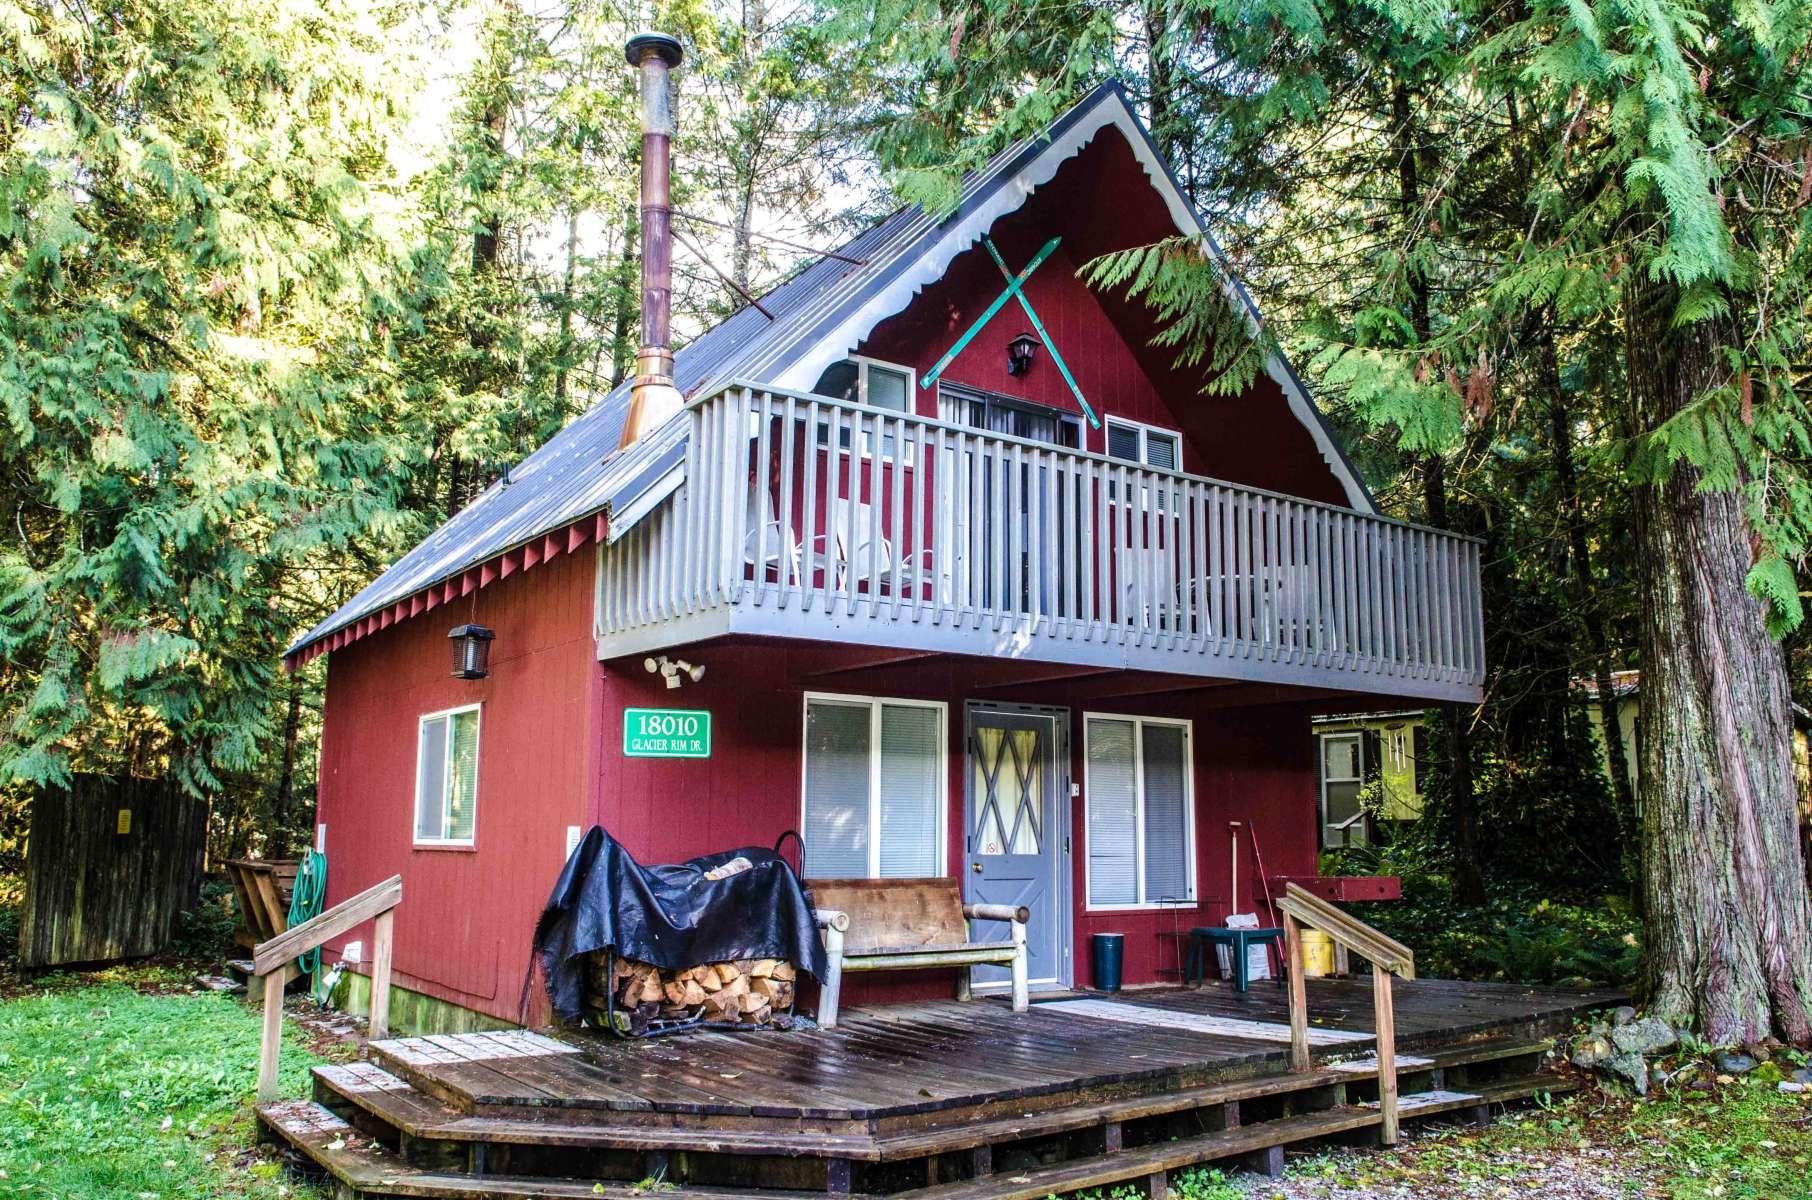 Mt baker lodging cabin 63 mt baker lodging wa 18 for Mount baker cabins